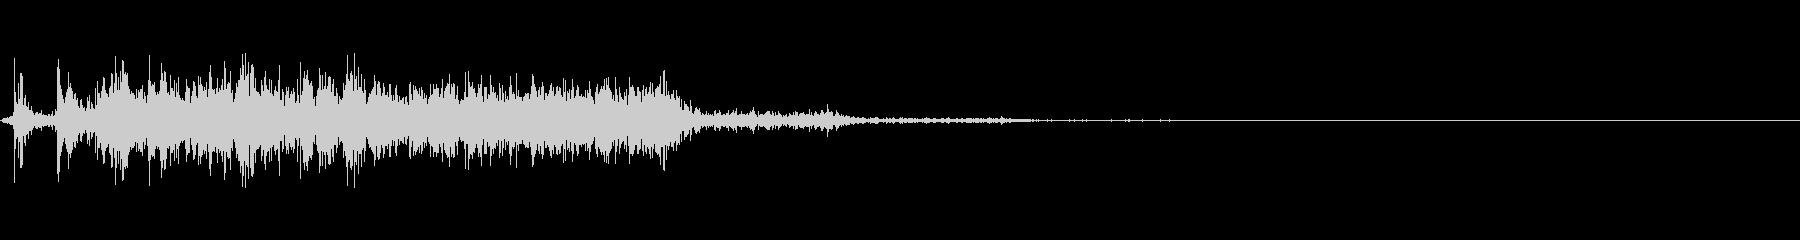 デバフ魔法/ステータスダウン/弱体化の未再生の波形